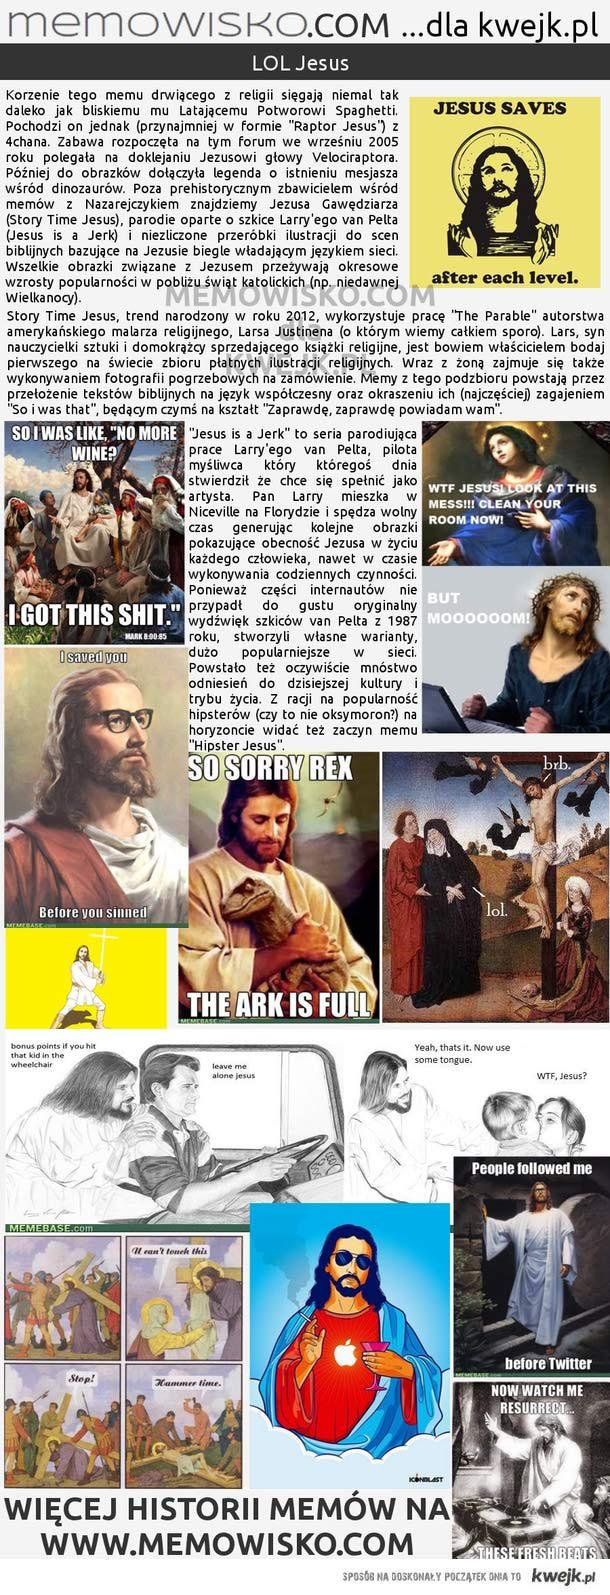 LOL Jesus - Memowisko dla kwejk.pl